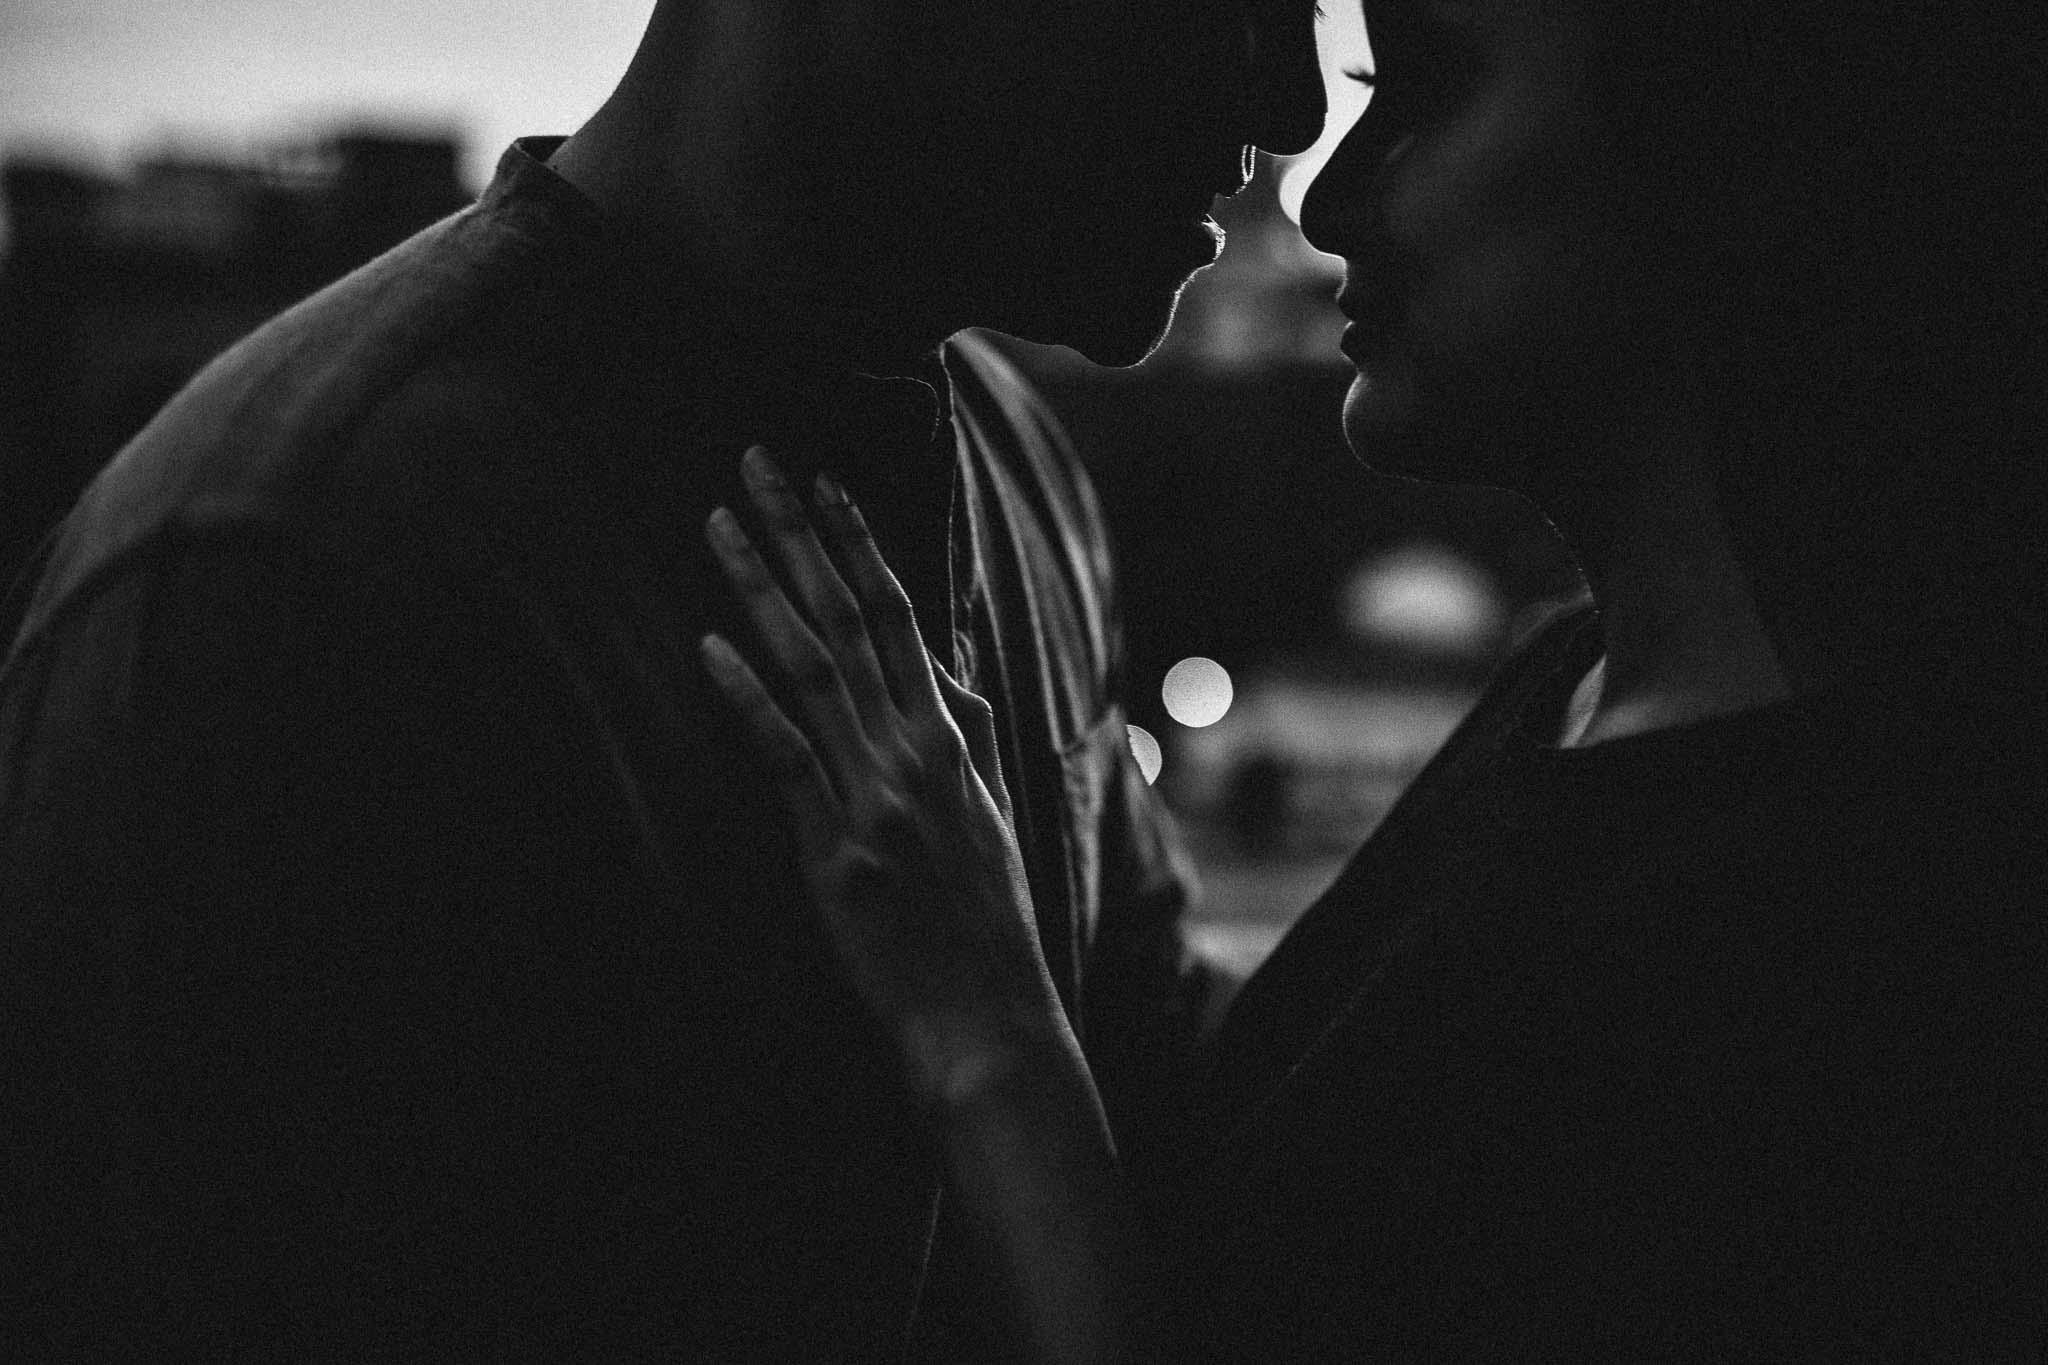 qila&elyas-weddingsbyqay-lovesession (296 of 297).jpg